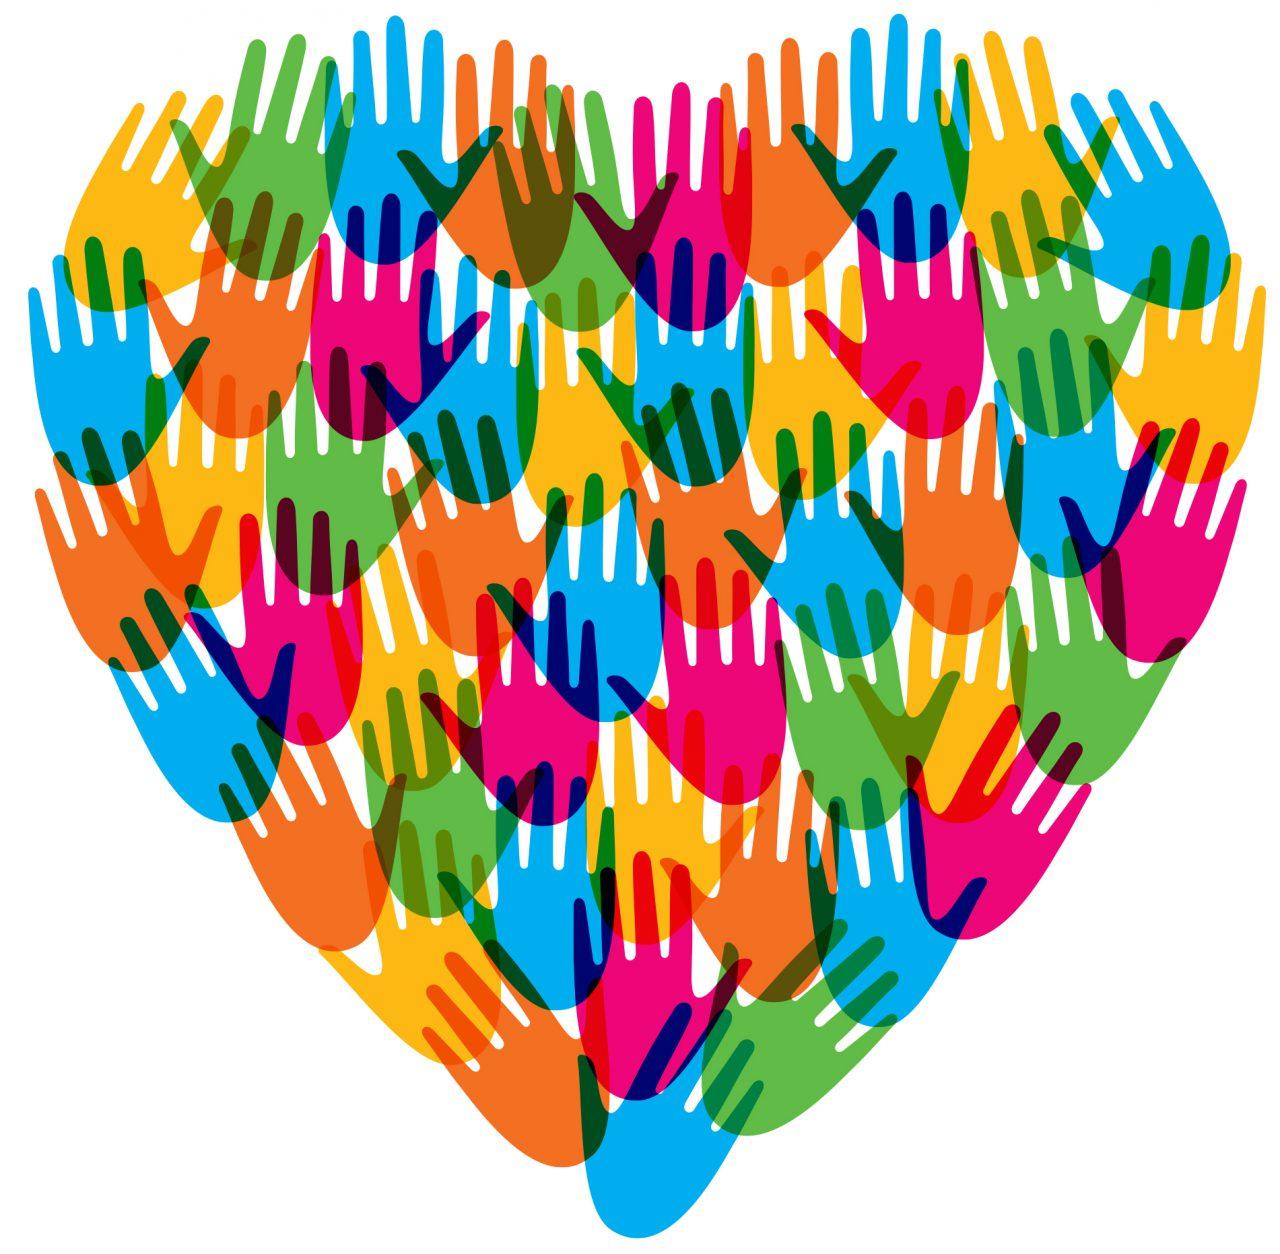 Dünya Şirket Bağışçılığı Günü